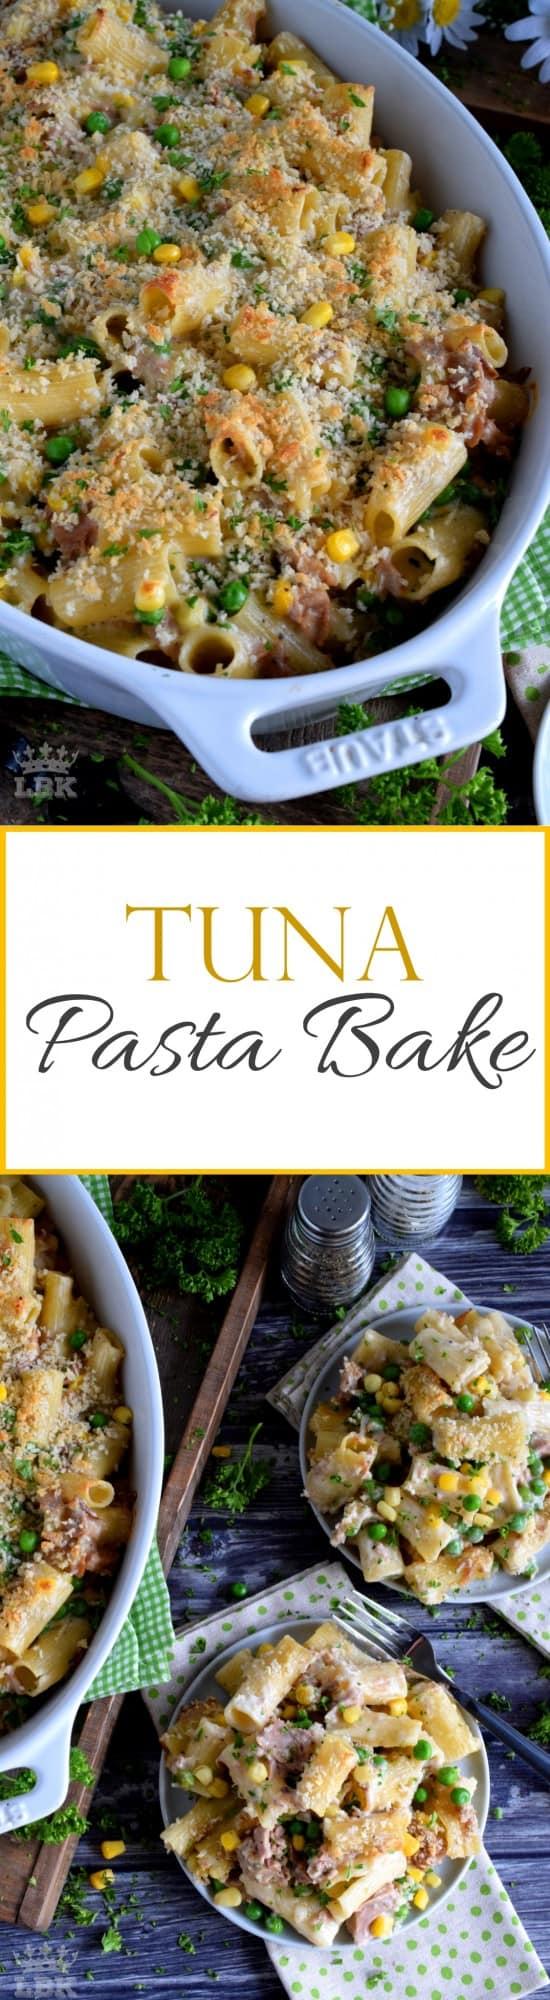 Tuna Pasta Bake